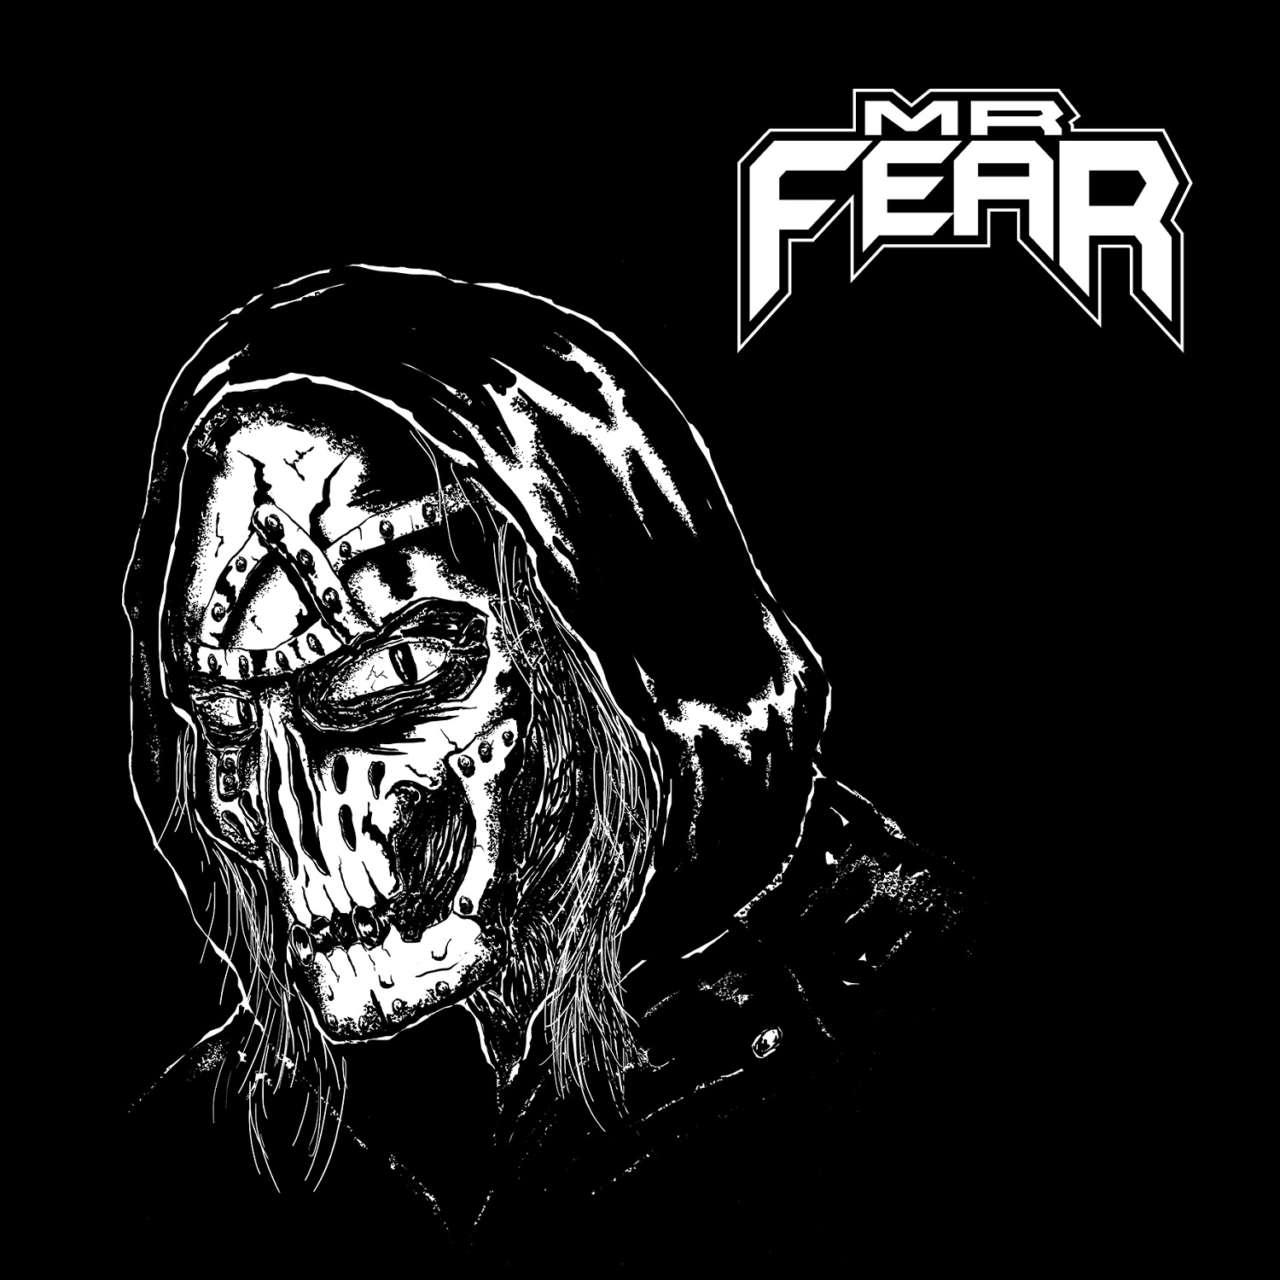 Mr. Fear: Banda anuncia novo EP com capa e projeto gráfico desenvolvidos pela FUG DESIGN